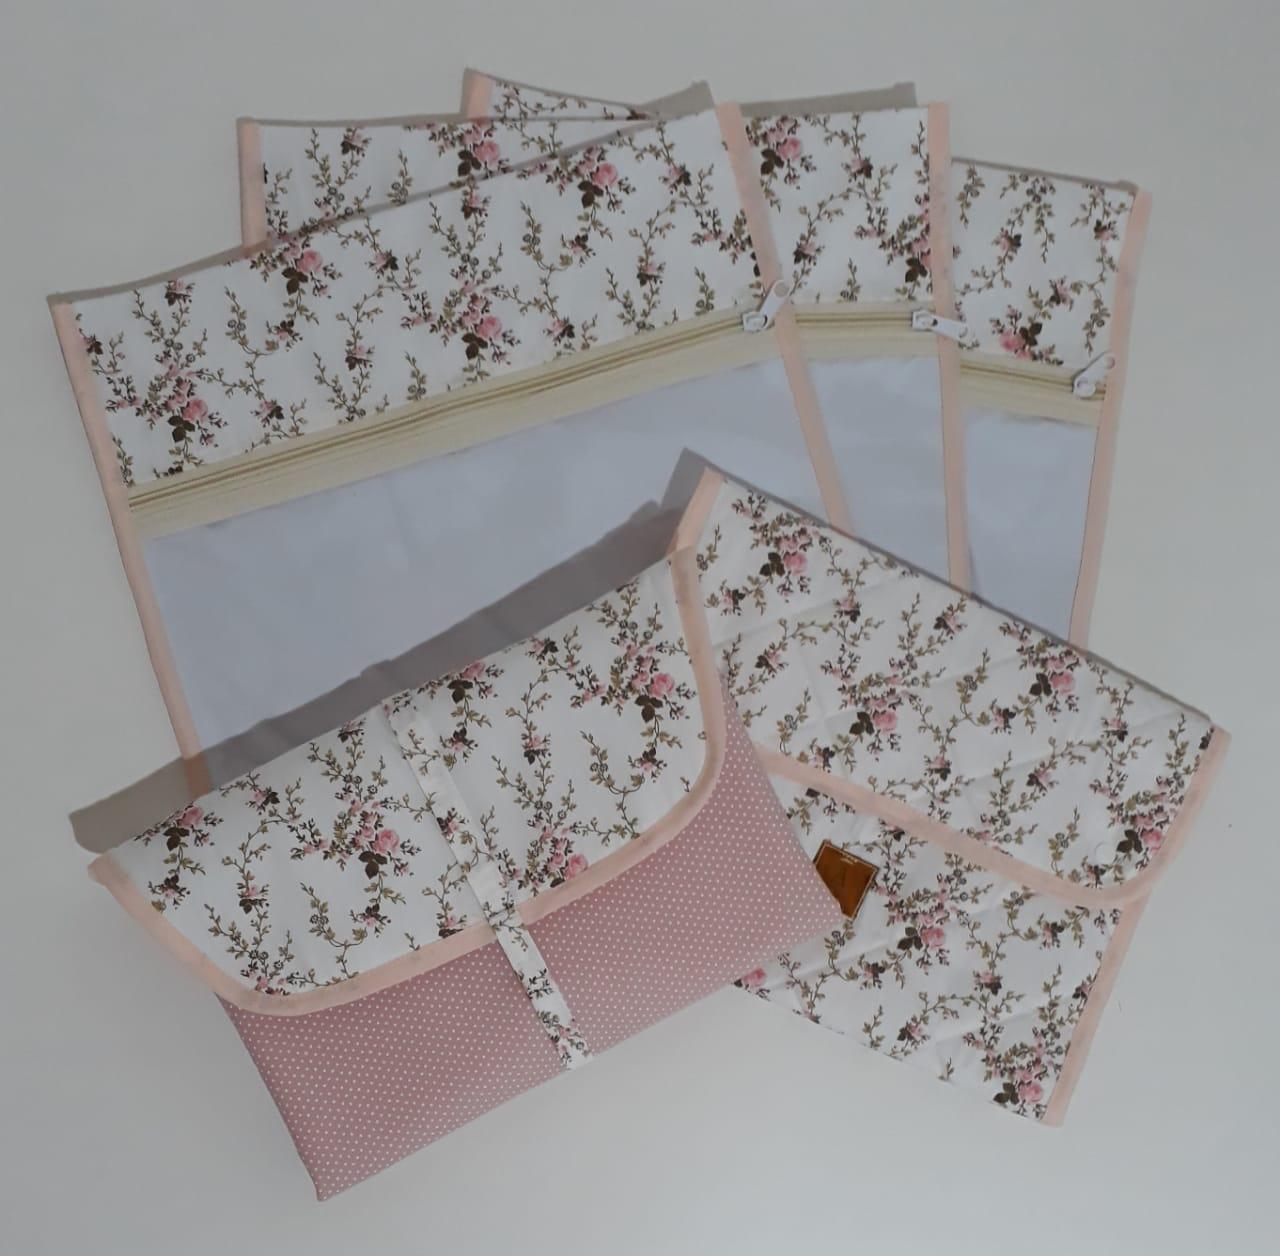 Kit Maternidade Floral- 3 Saquinhos + Porta Fraldas e Trocador